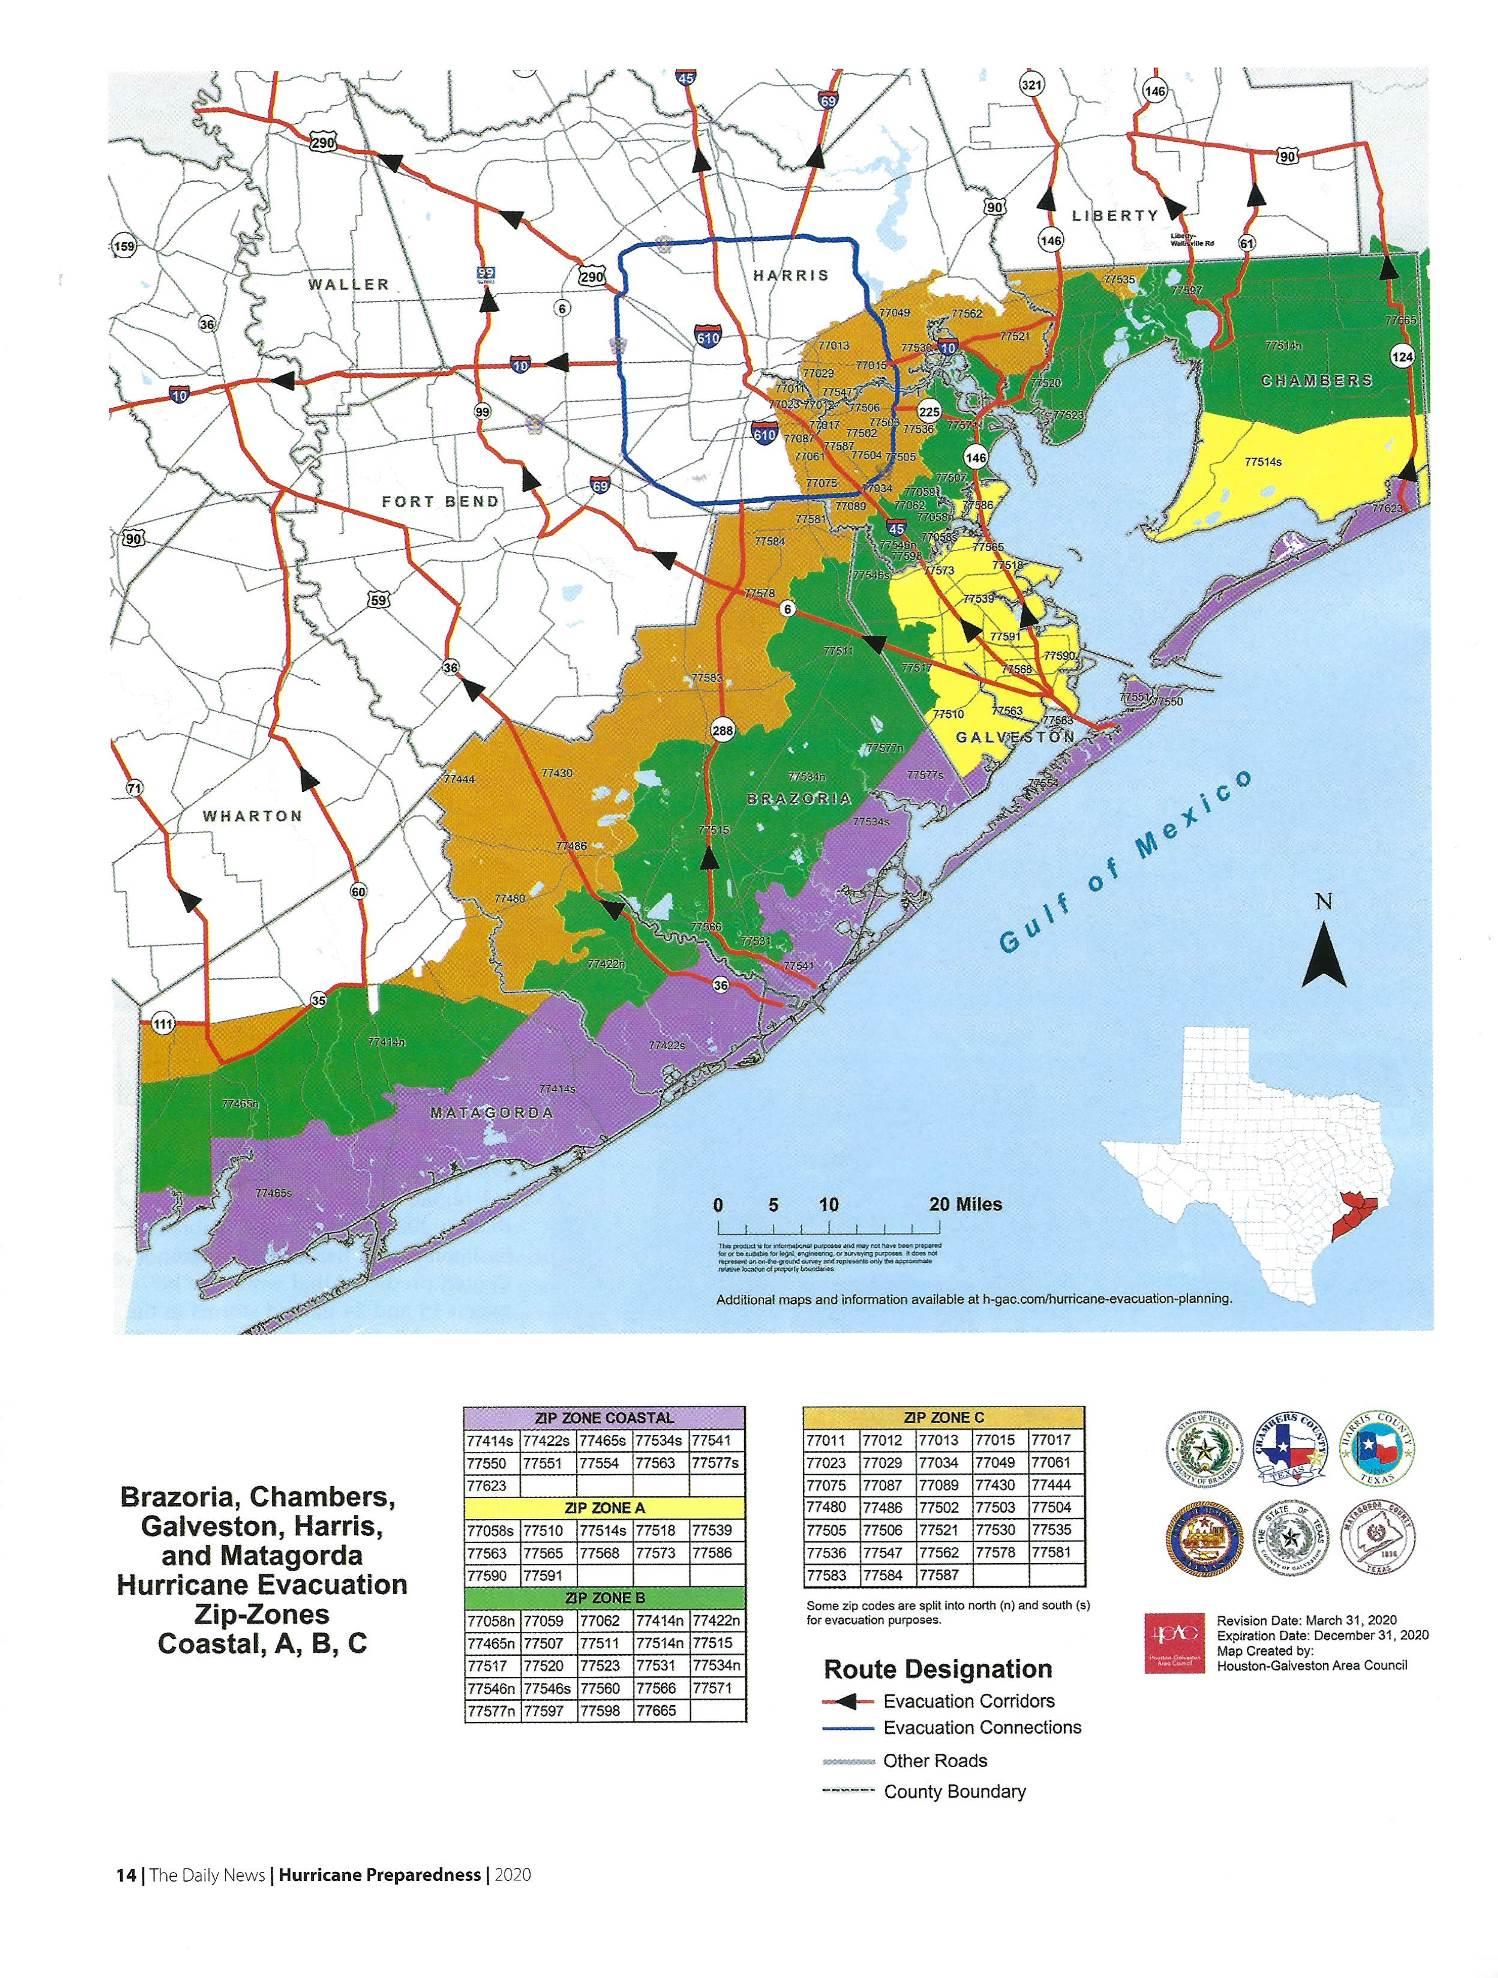 Coastal Evacuation Zones